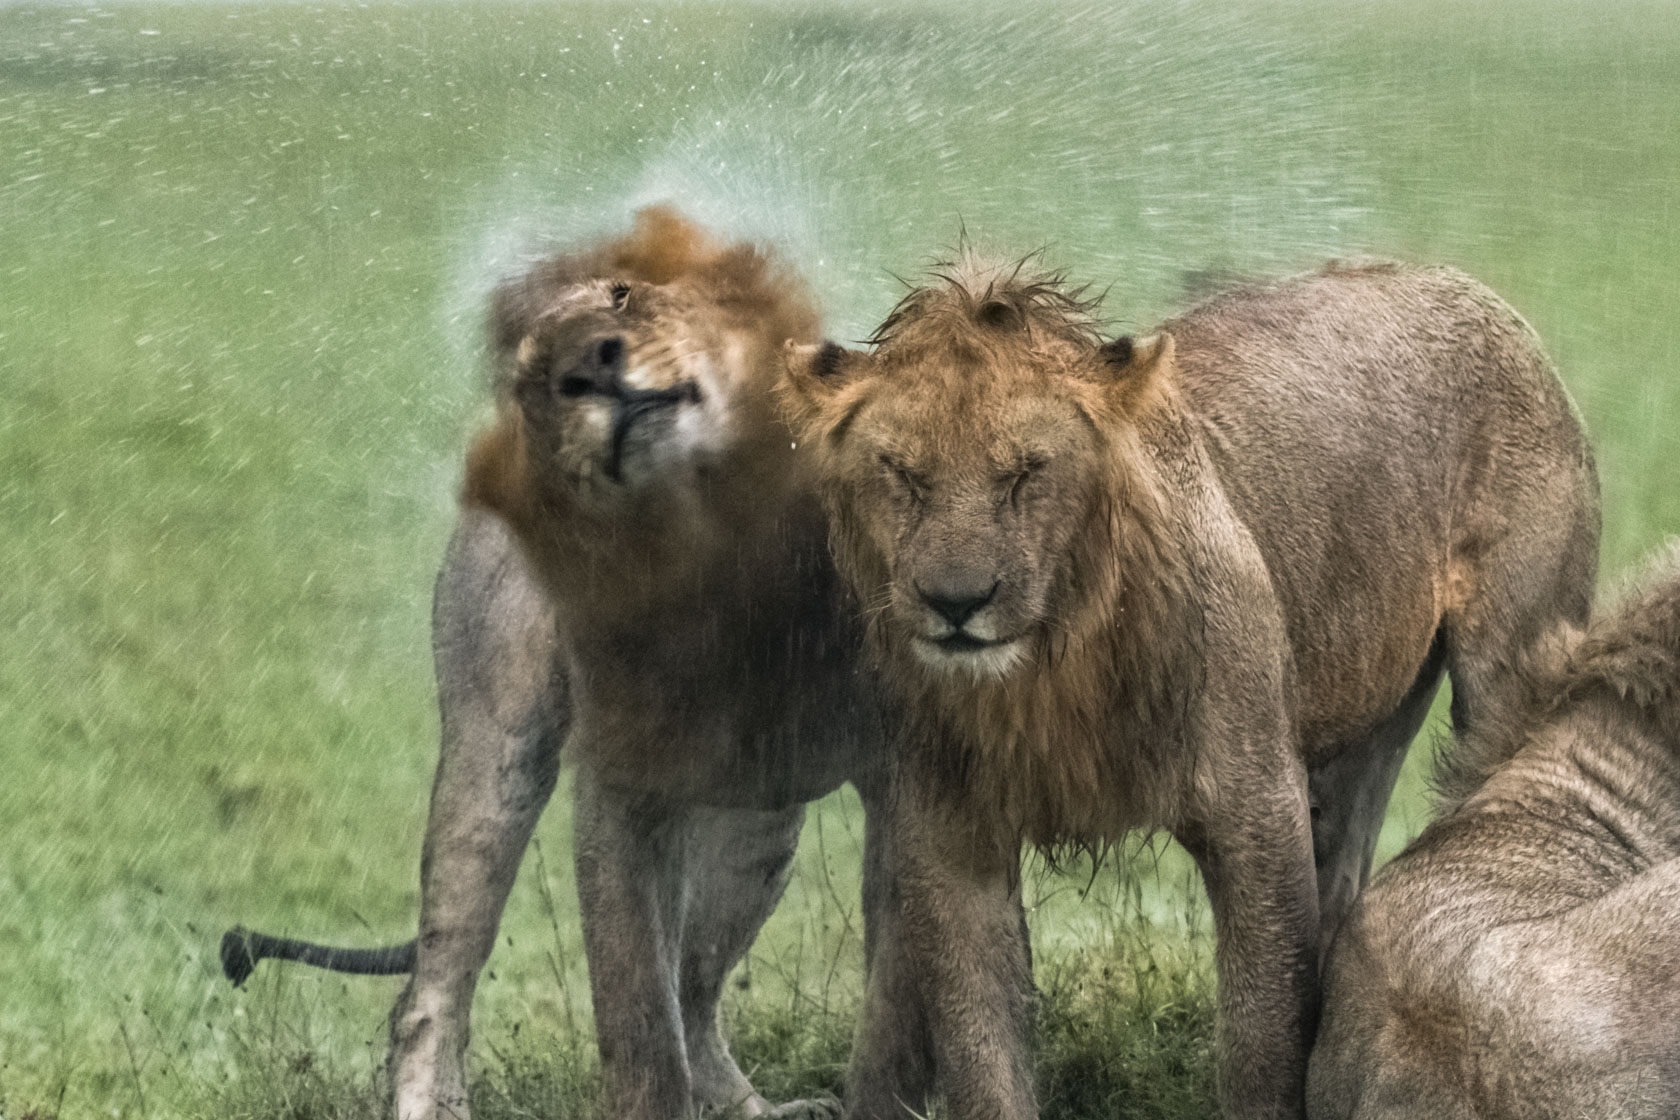 Beim Aufstehen verteilt auch der dritte Löwe reichlich Wasser auf seine Kollegen